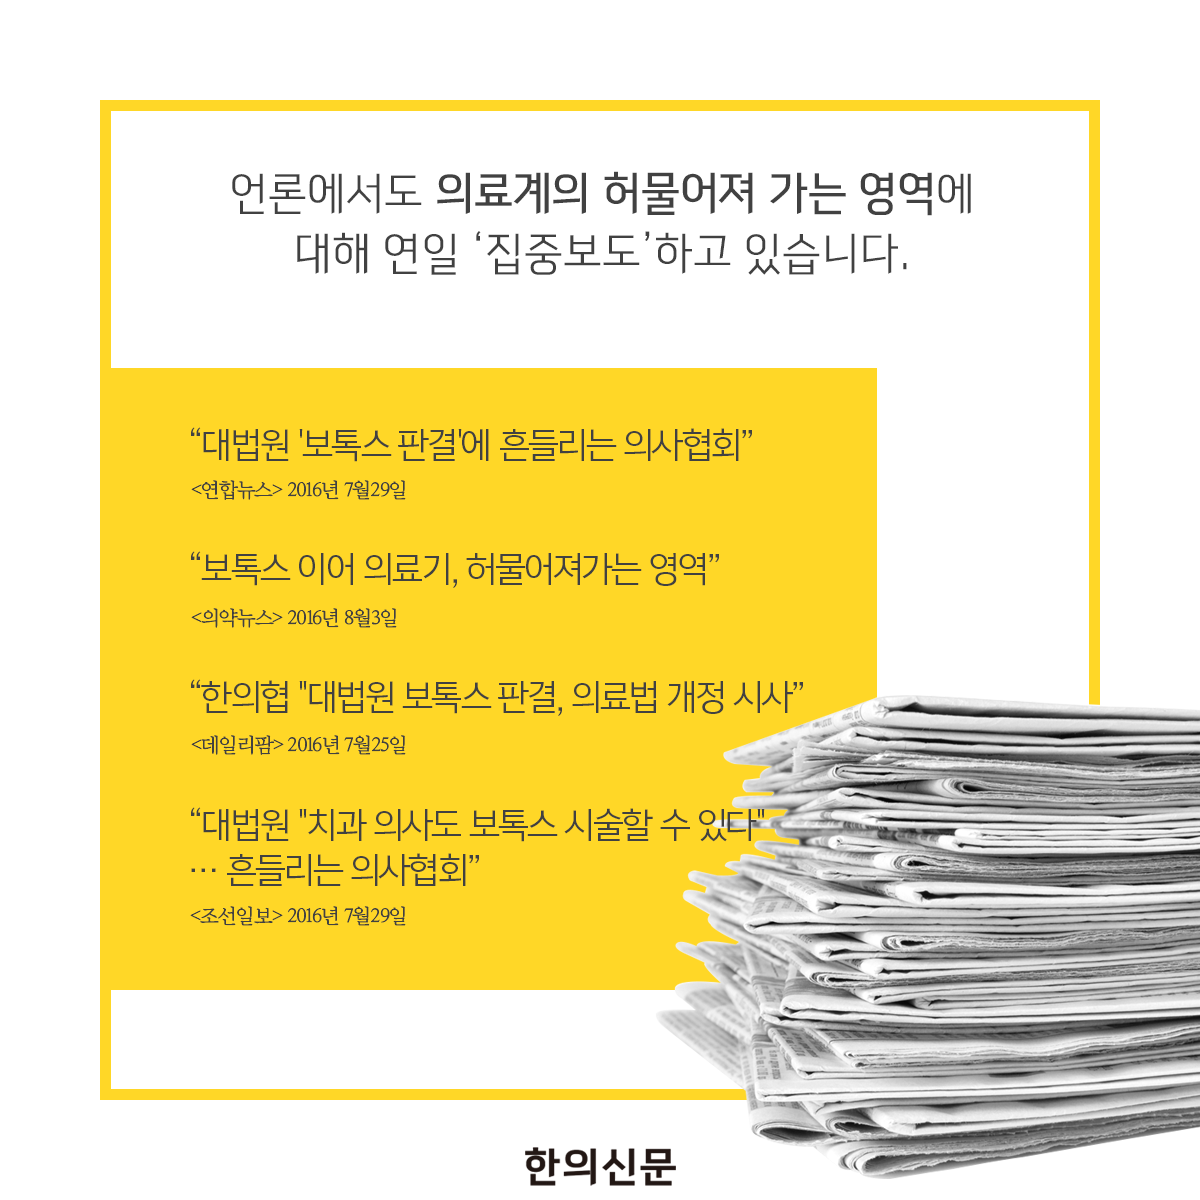 카드뉴스_보톡스합헌_04